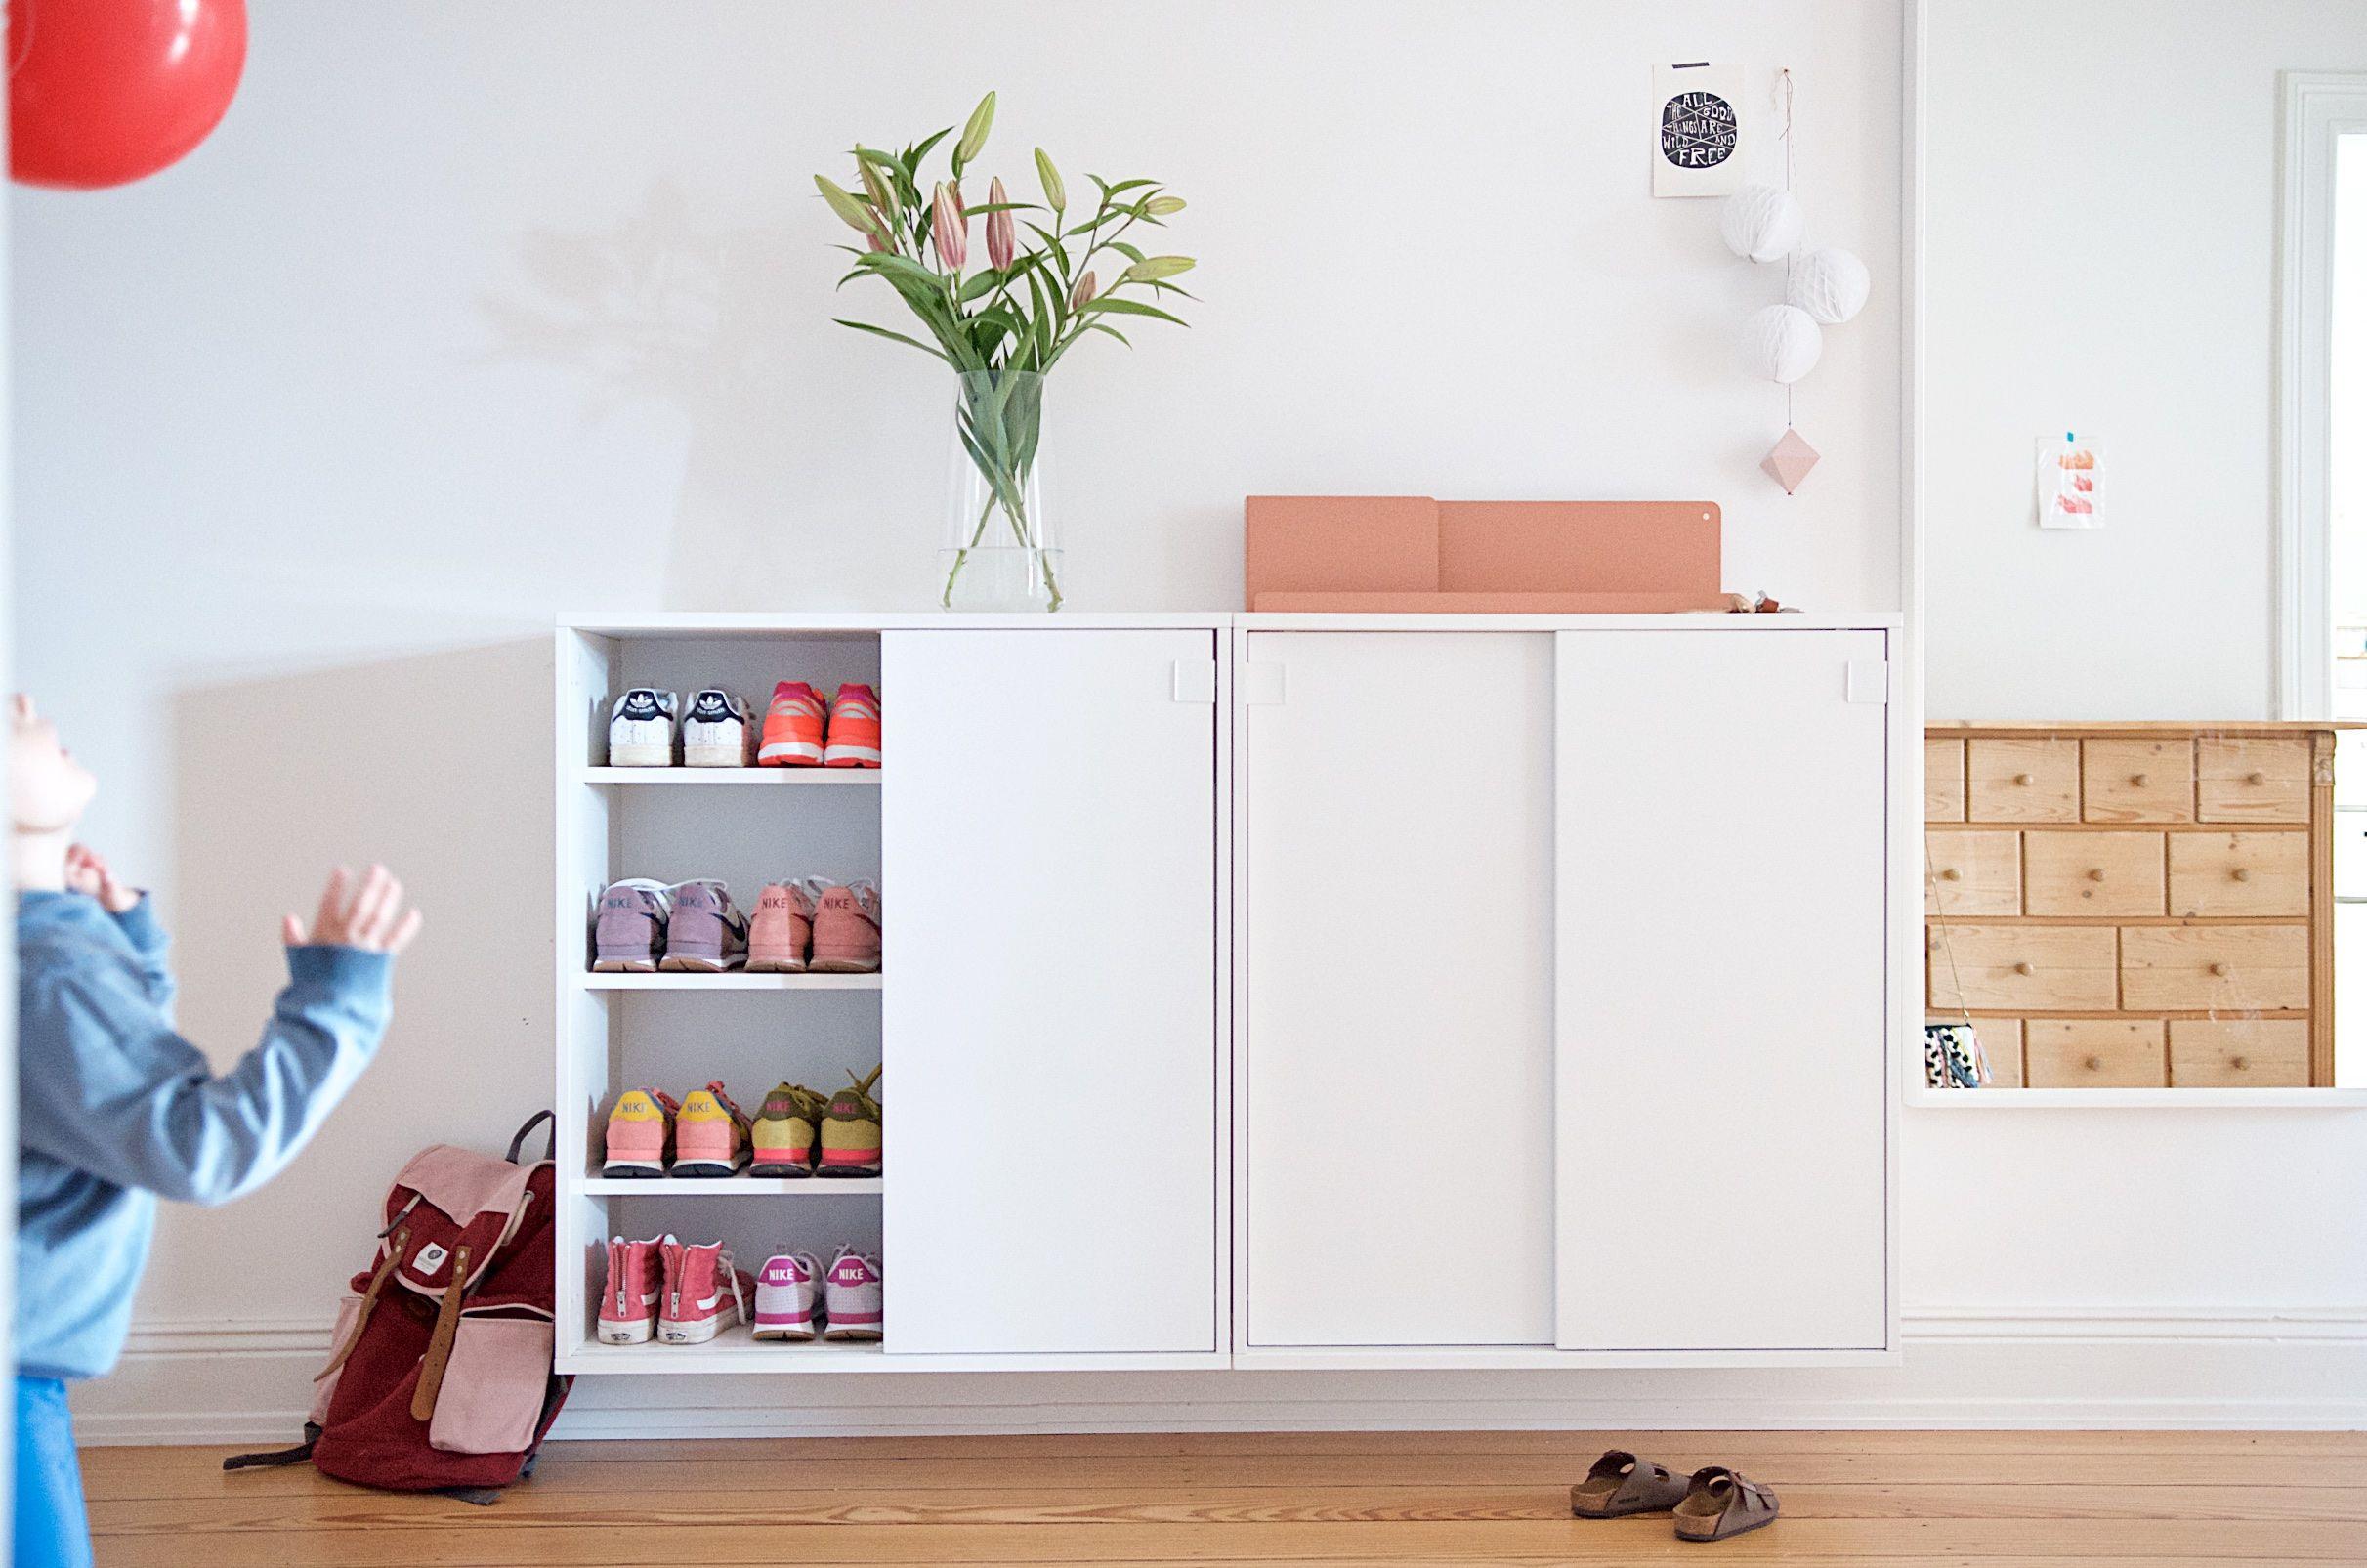 Mackapar Ein Schuhschrank Bringt Ordnung Ins Chaos Und Den Altbauflur Schuhschrank Ikea Schuhschrank Flur Dekor